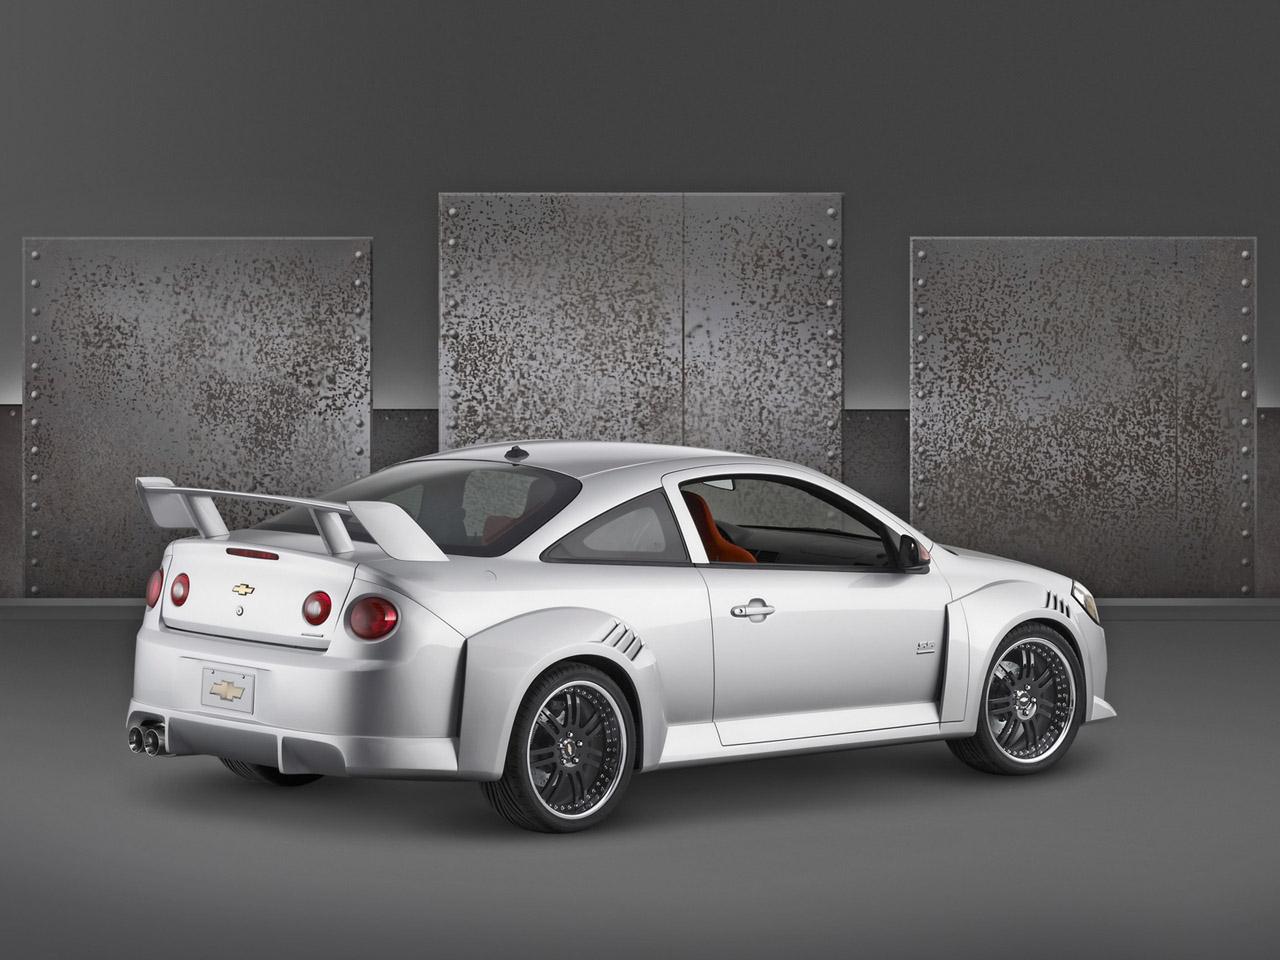 http://3.bp.blogspot.com/-pNKh1jKlzuw/TW0q3hcV72I/AAAAAAAAACs/-DAnxZ6MpM8/s1600/2005-Chevrolet-Cobalt-SS-Coupe-Wide-Body-SEMA-RA-1280x960.jpg